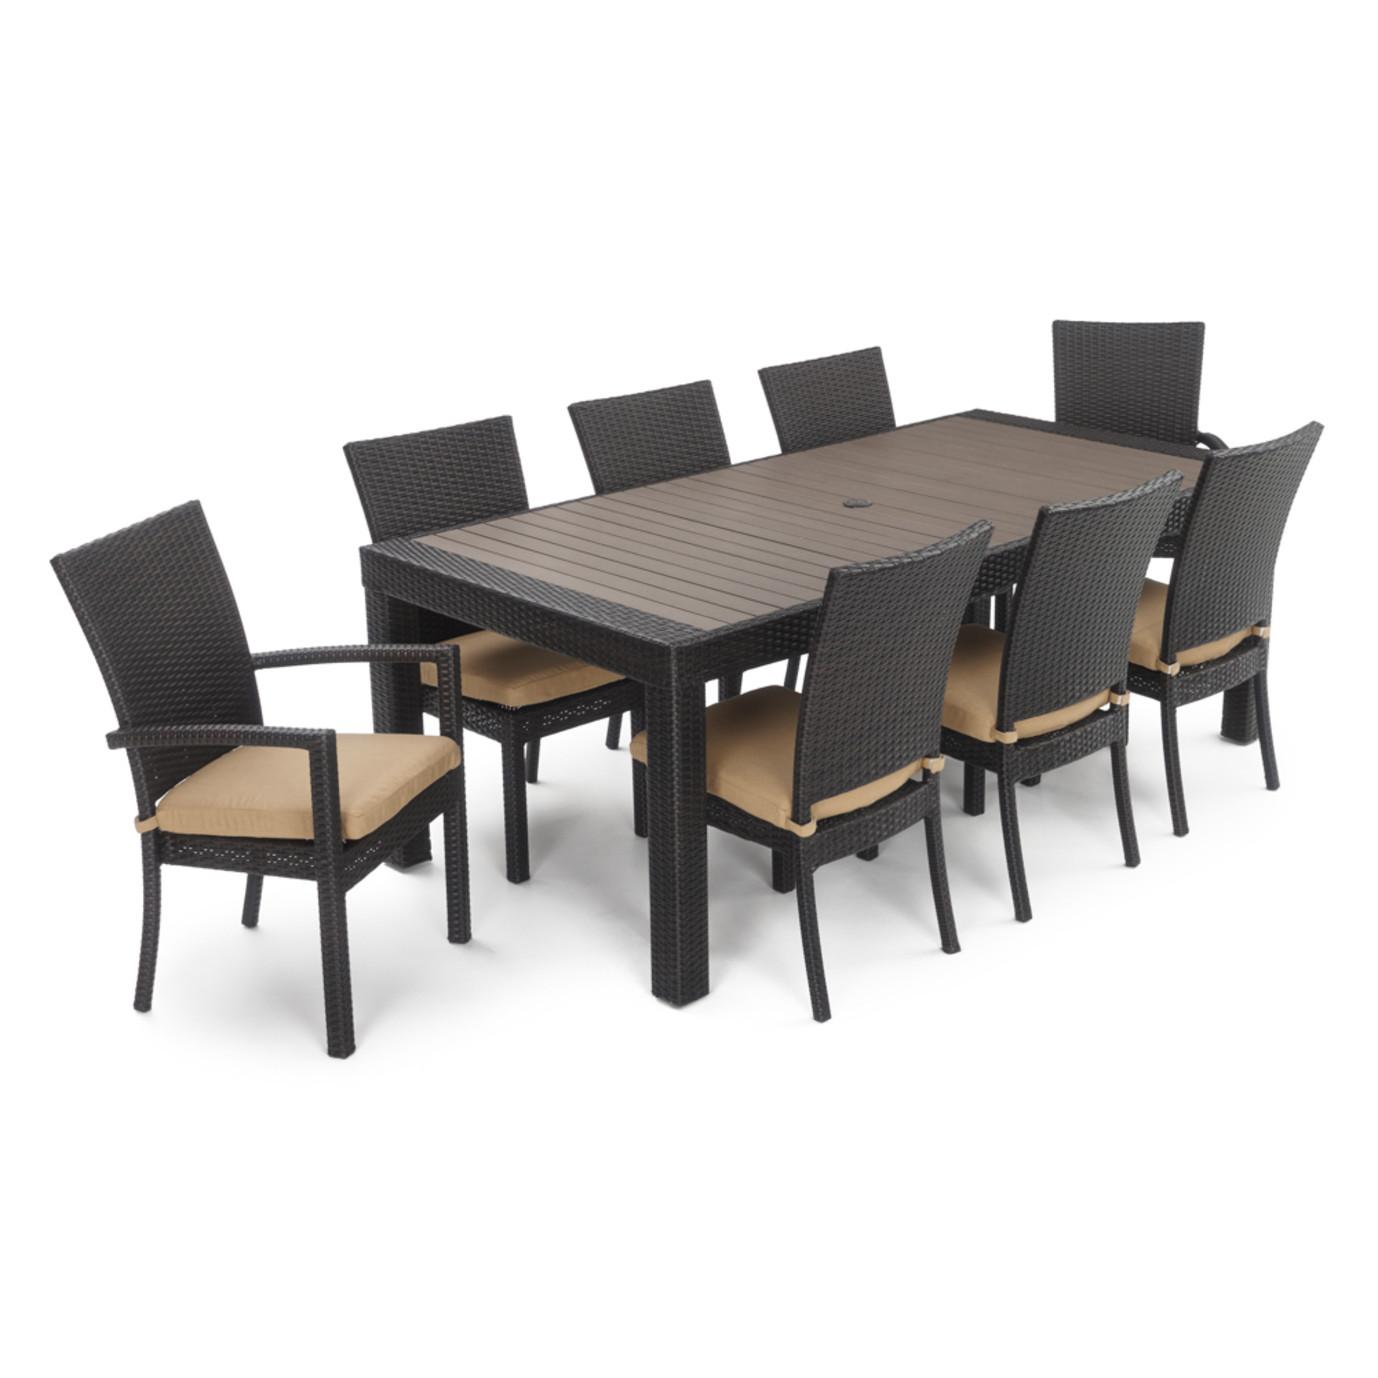 Deco™ 9pc Dining Set - Maxim Beige